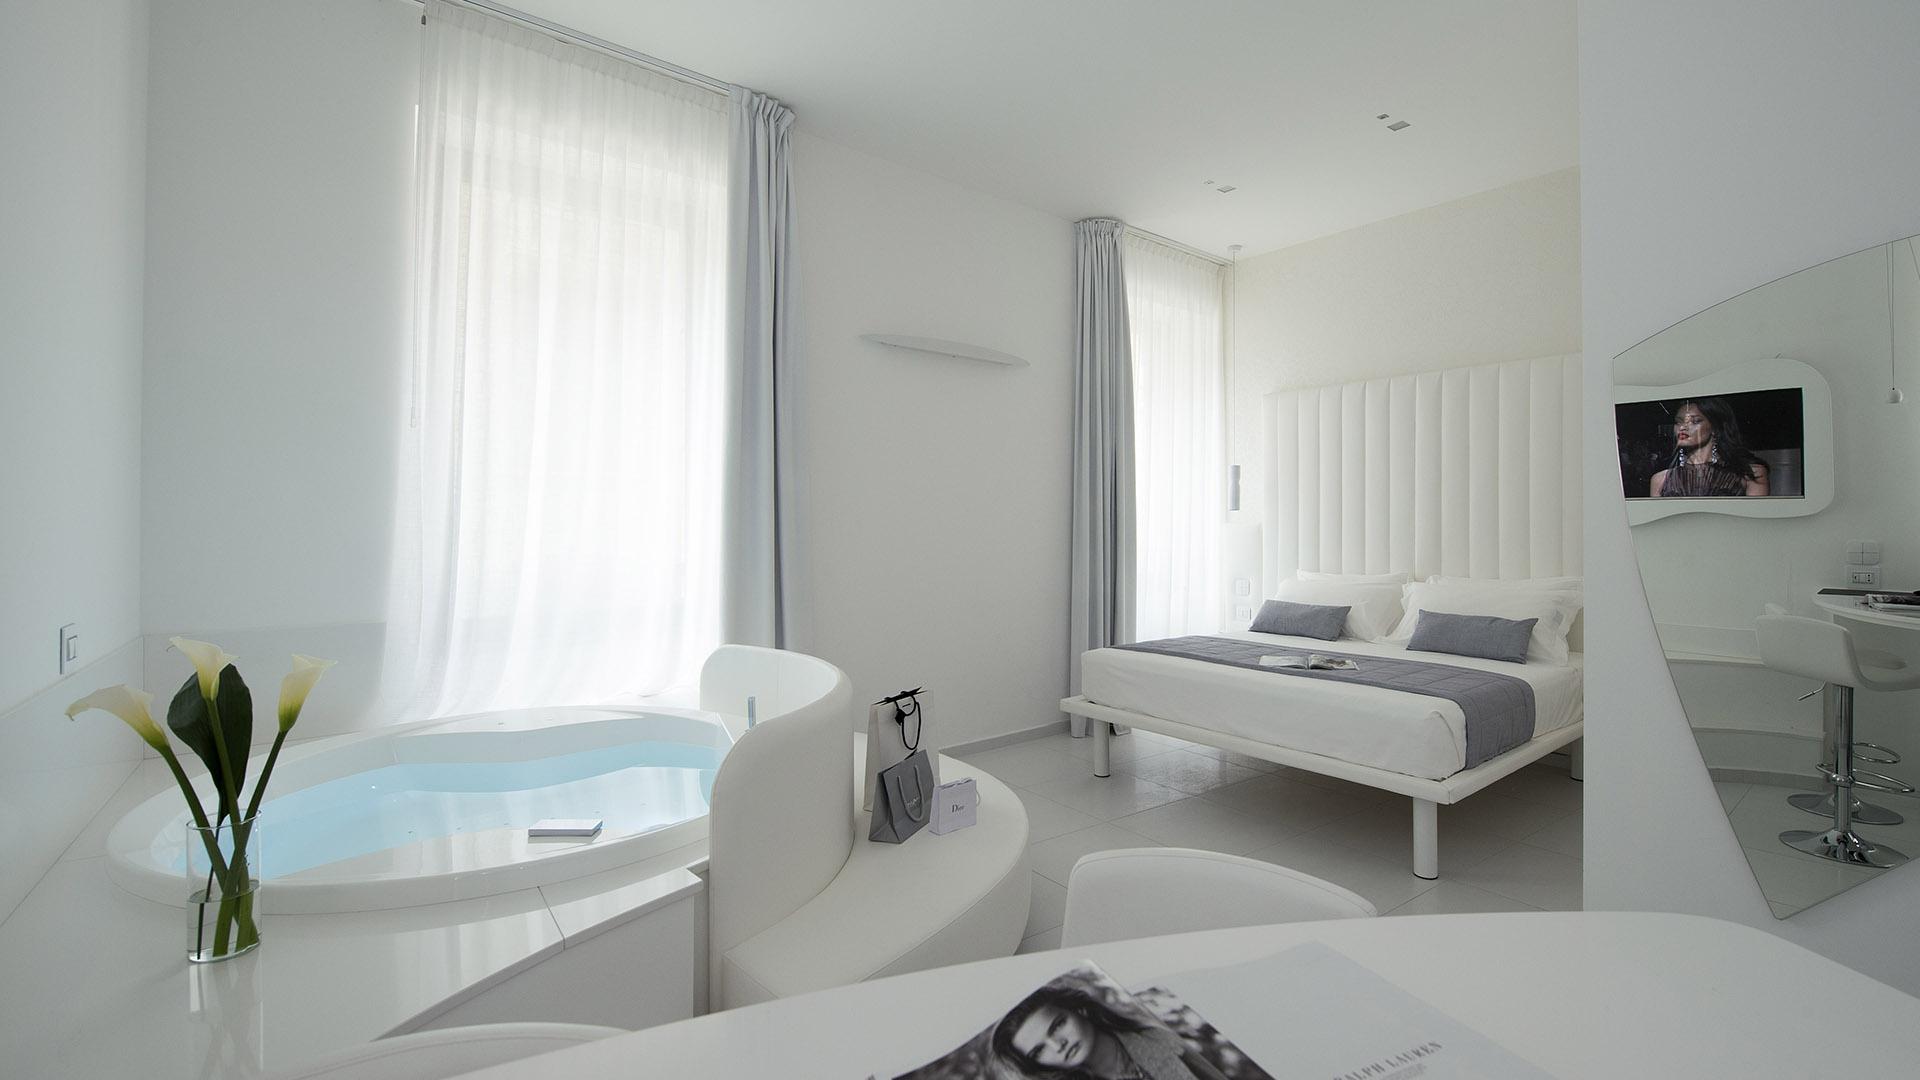 Mia Aparthotel Milano - Appartamento Enjoy - Appartamento Design - Letto